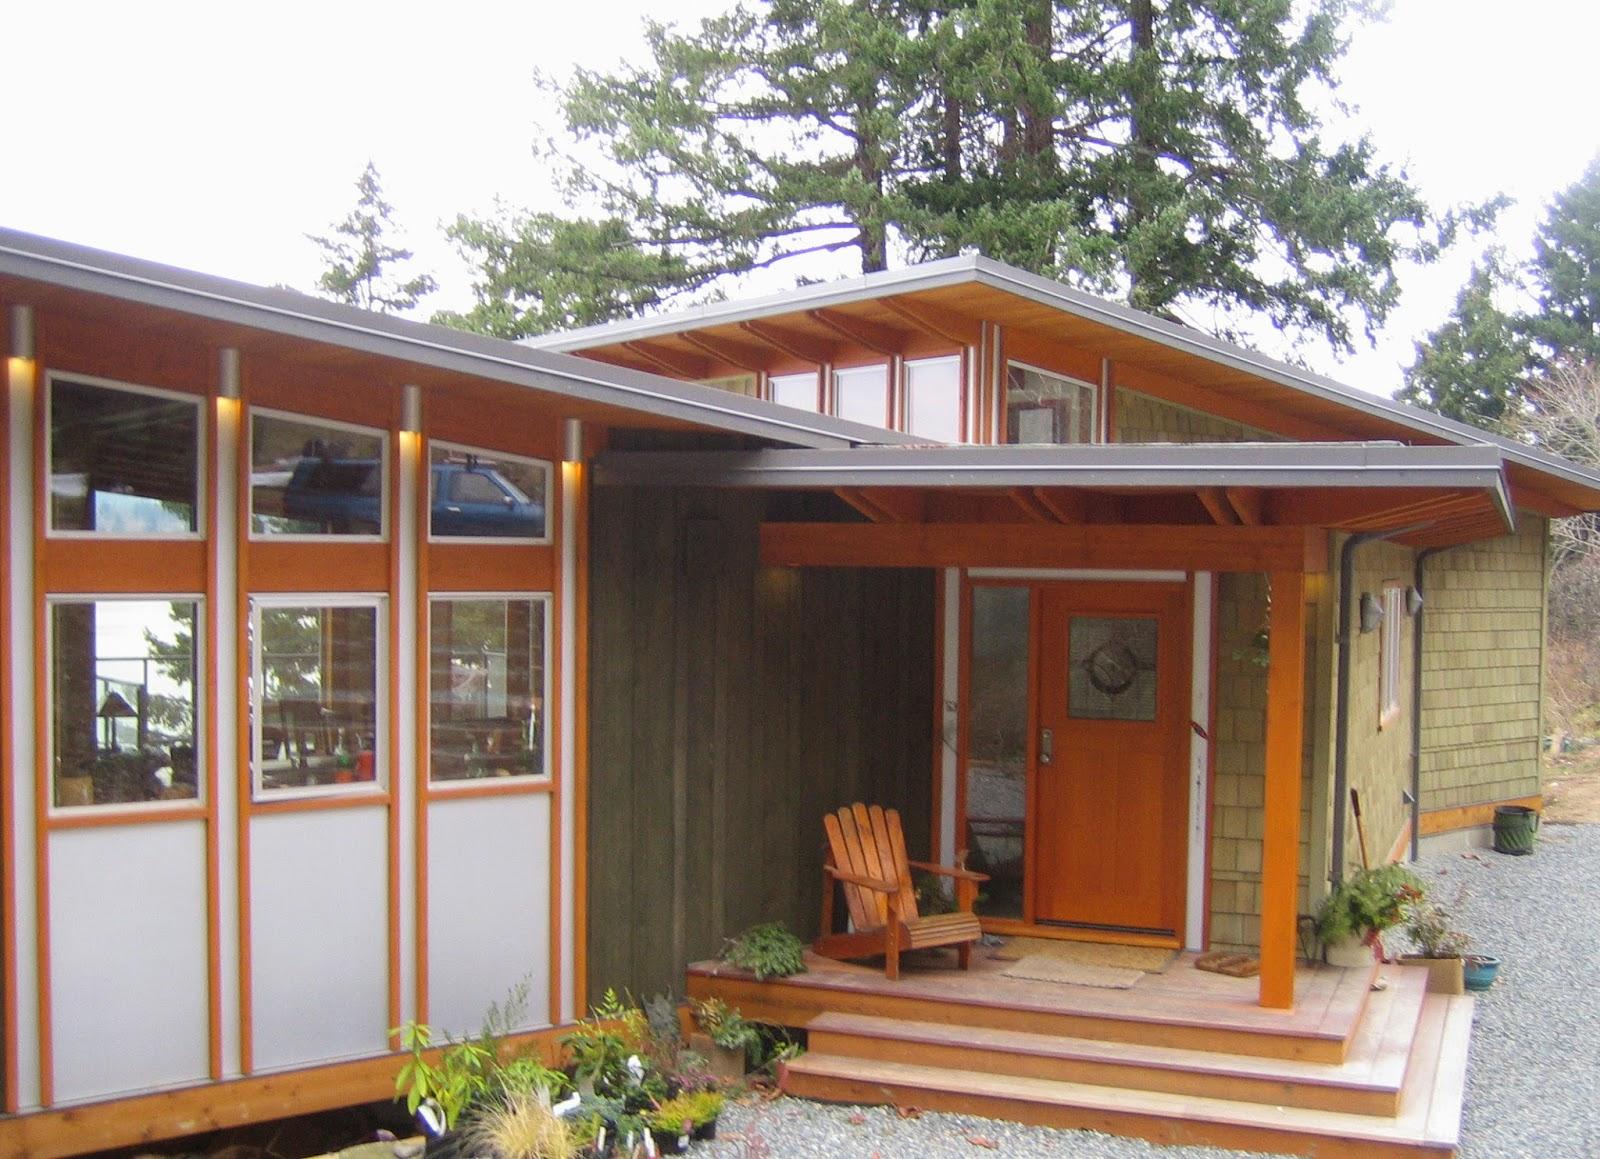 Denman Conservancy Home & Garden Tour: Rick & Ann Paisley